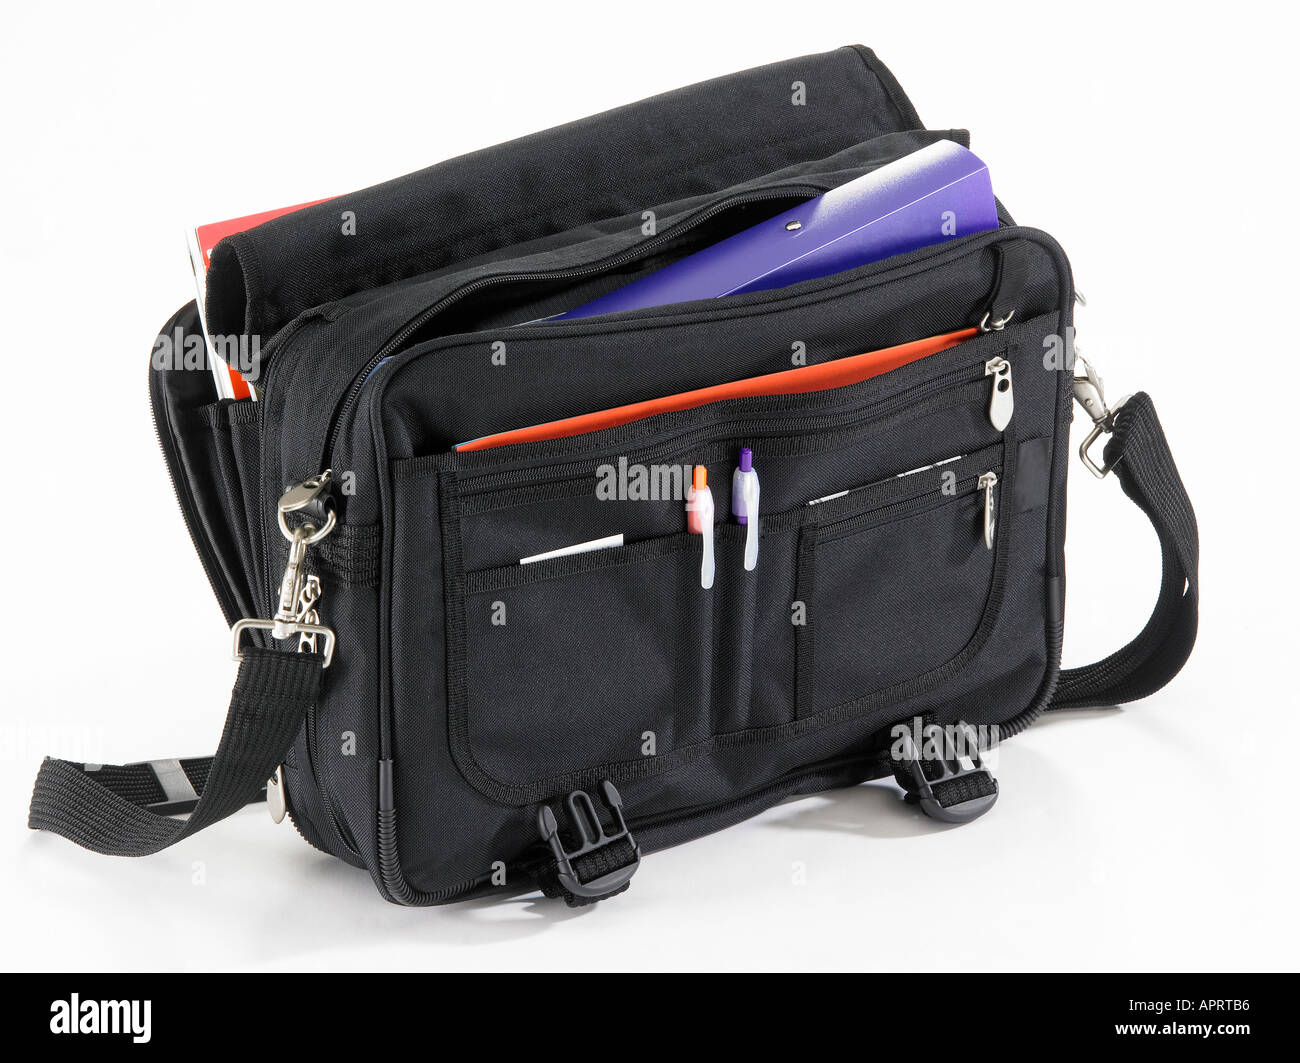 bag - Stock Image